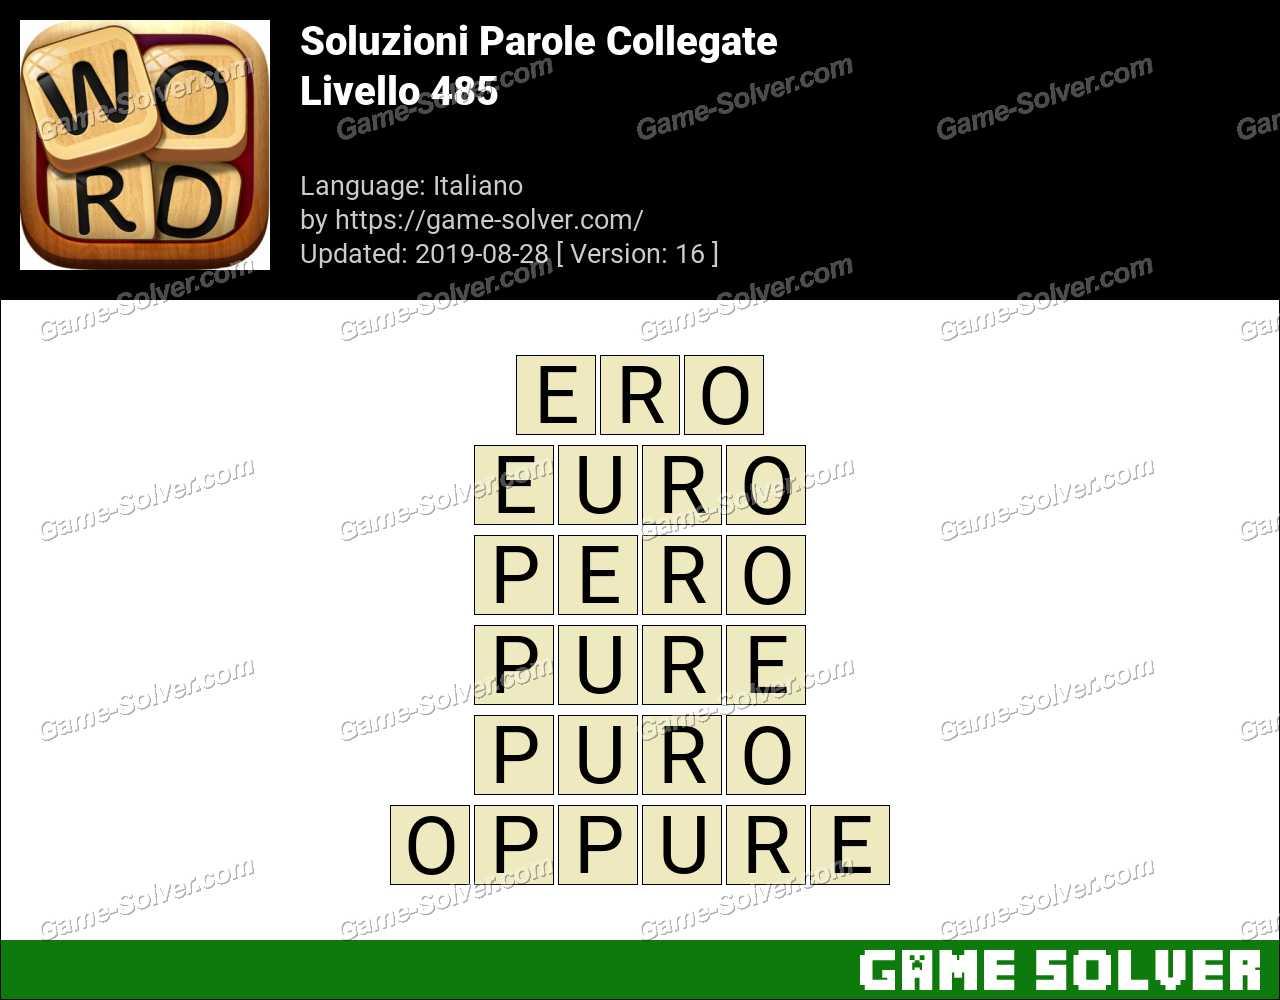 Soluzioni Parole Collegate Livello 485